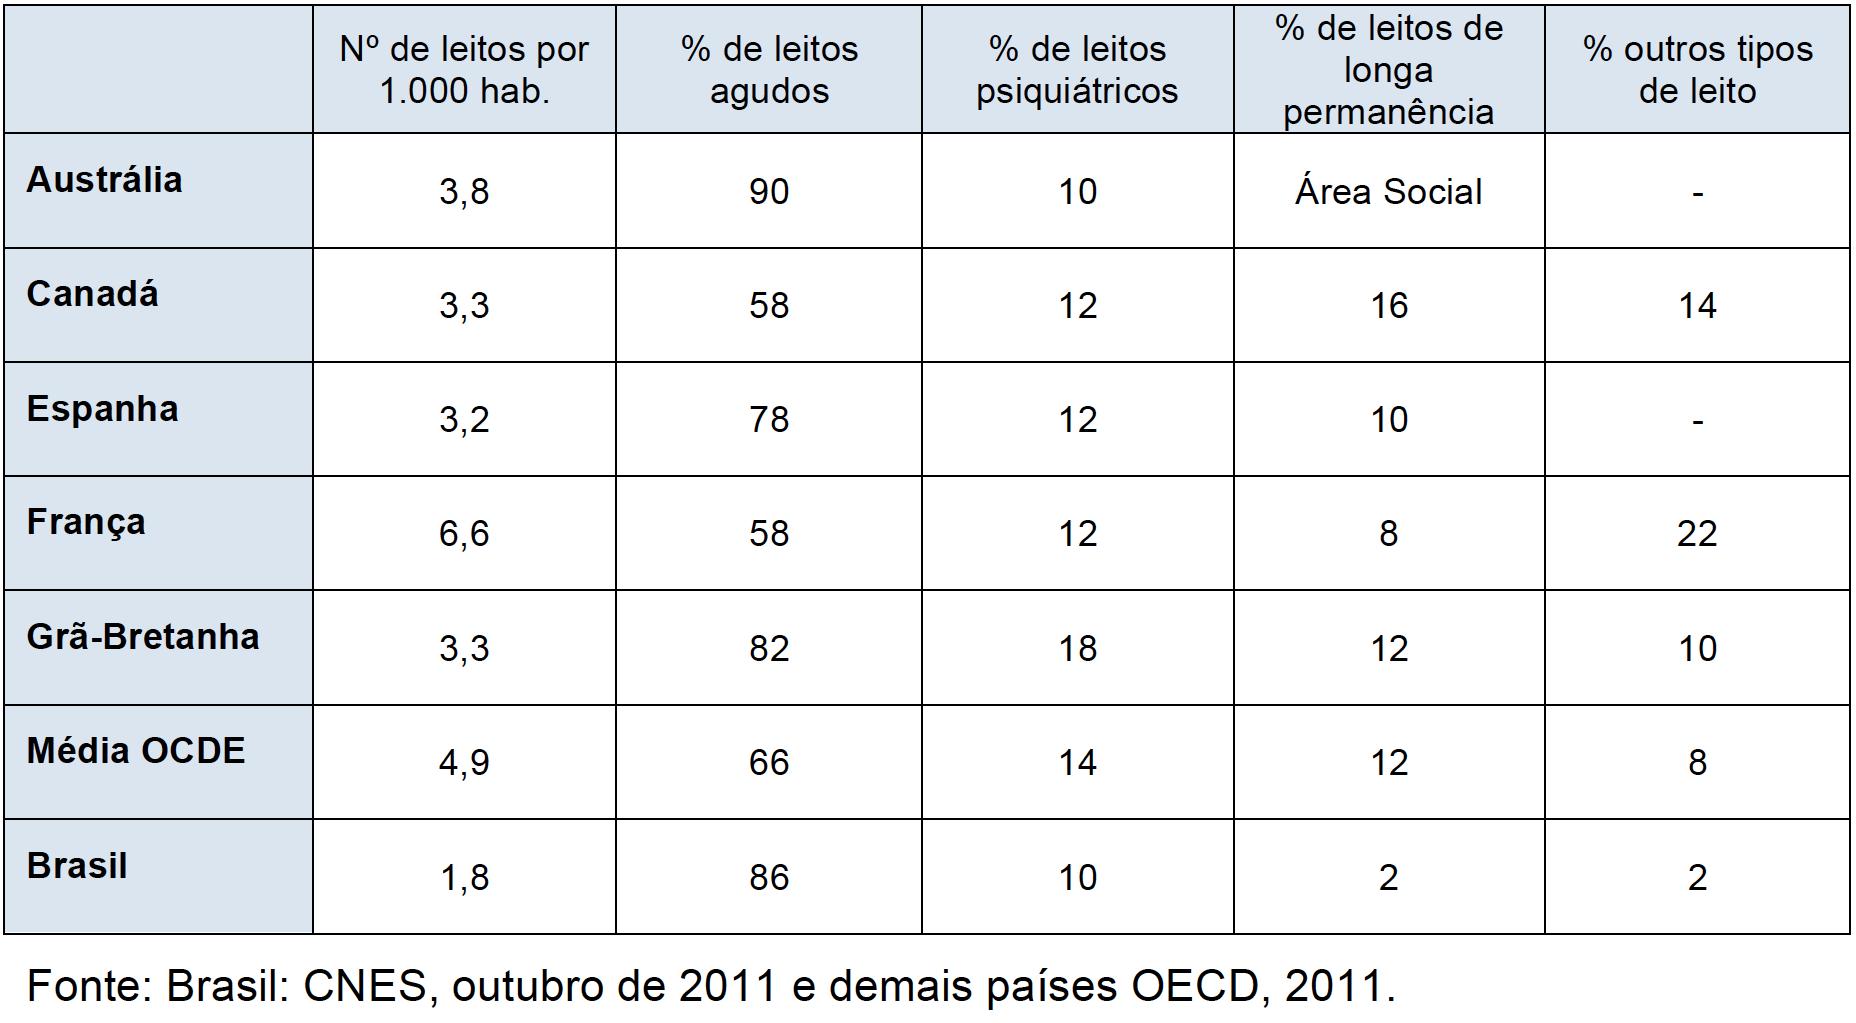 Quadro 6 - Comparativo do número de leitos e sua distribuição percentual entre as diferentes tipologias de cuidado, nos países descritos, média da OCDE e o Brasil, 2009 (ou informação mais próxima disponível)